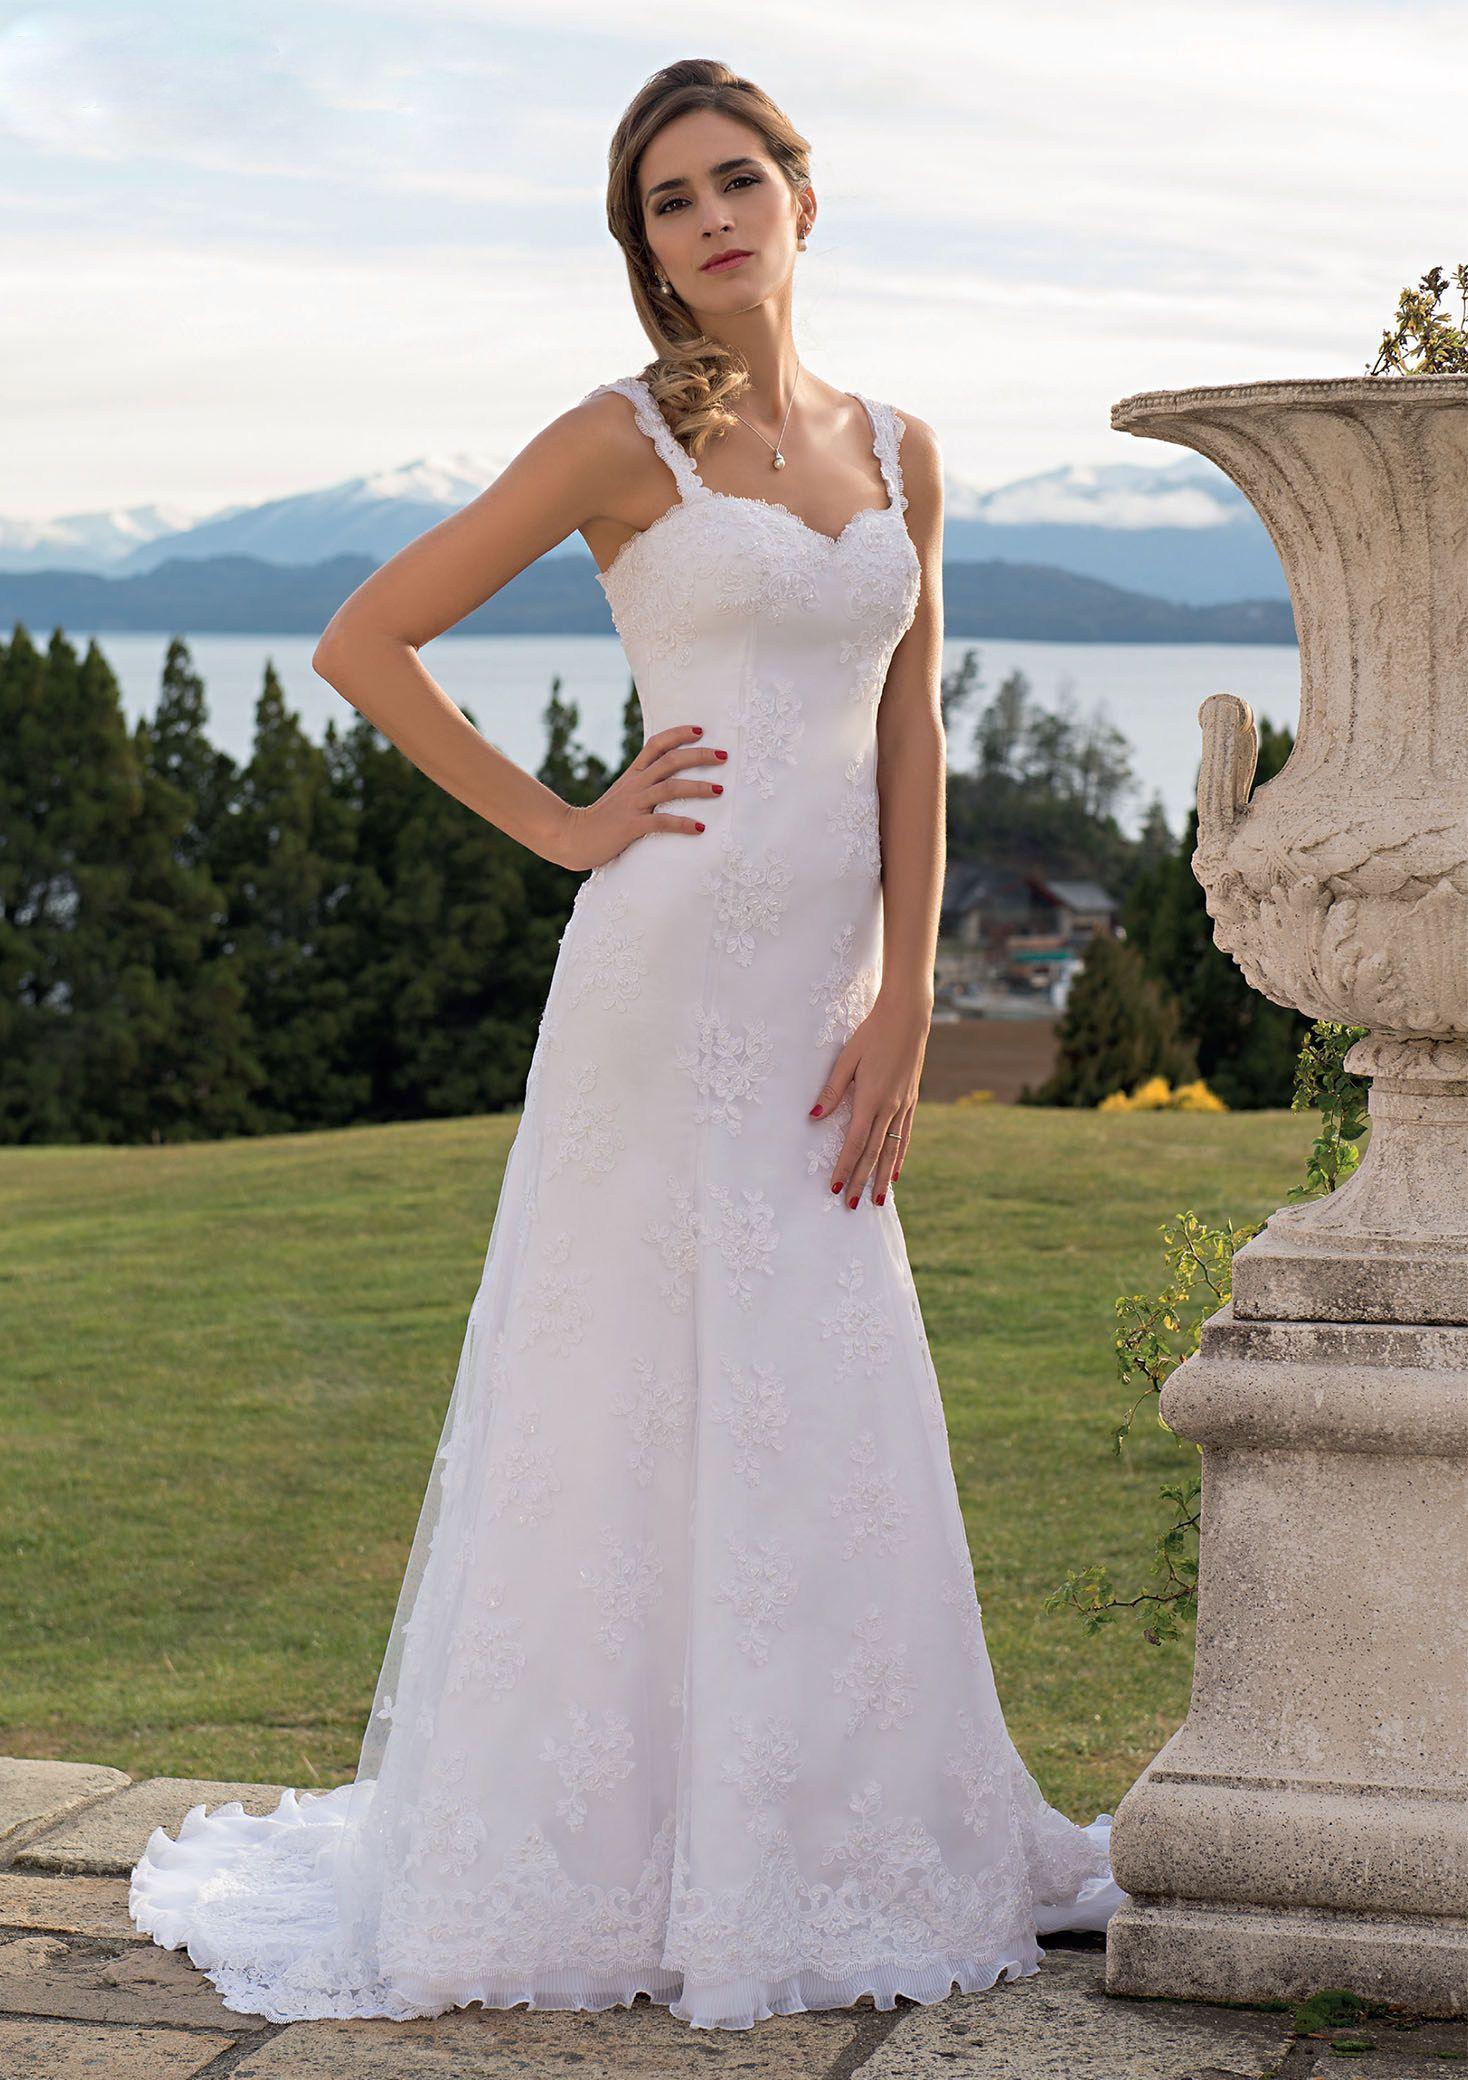 Vestido de Novia / Wedding dress confeccionado en tul bordado con ...